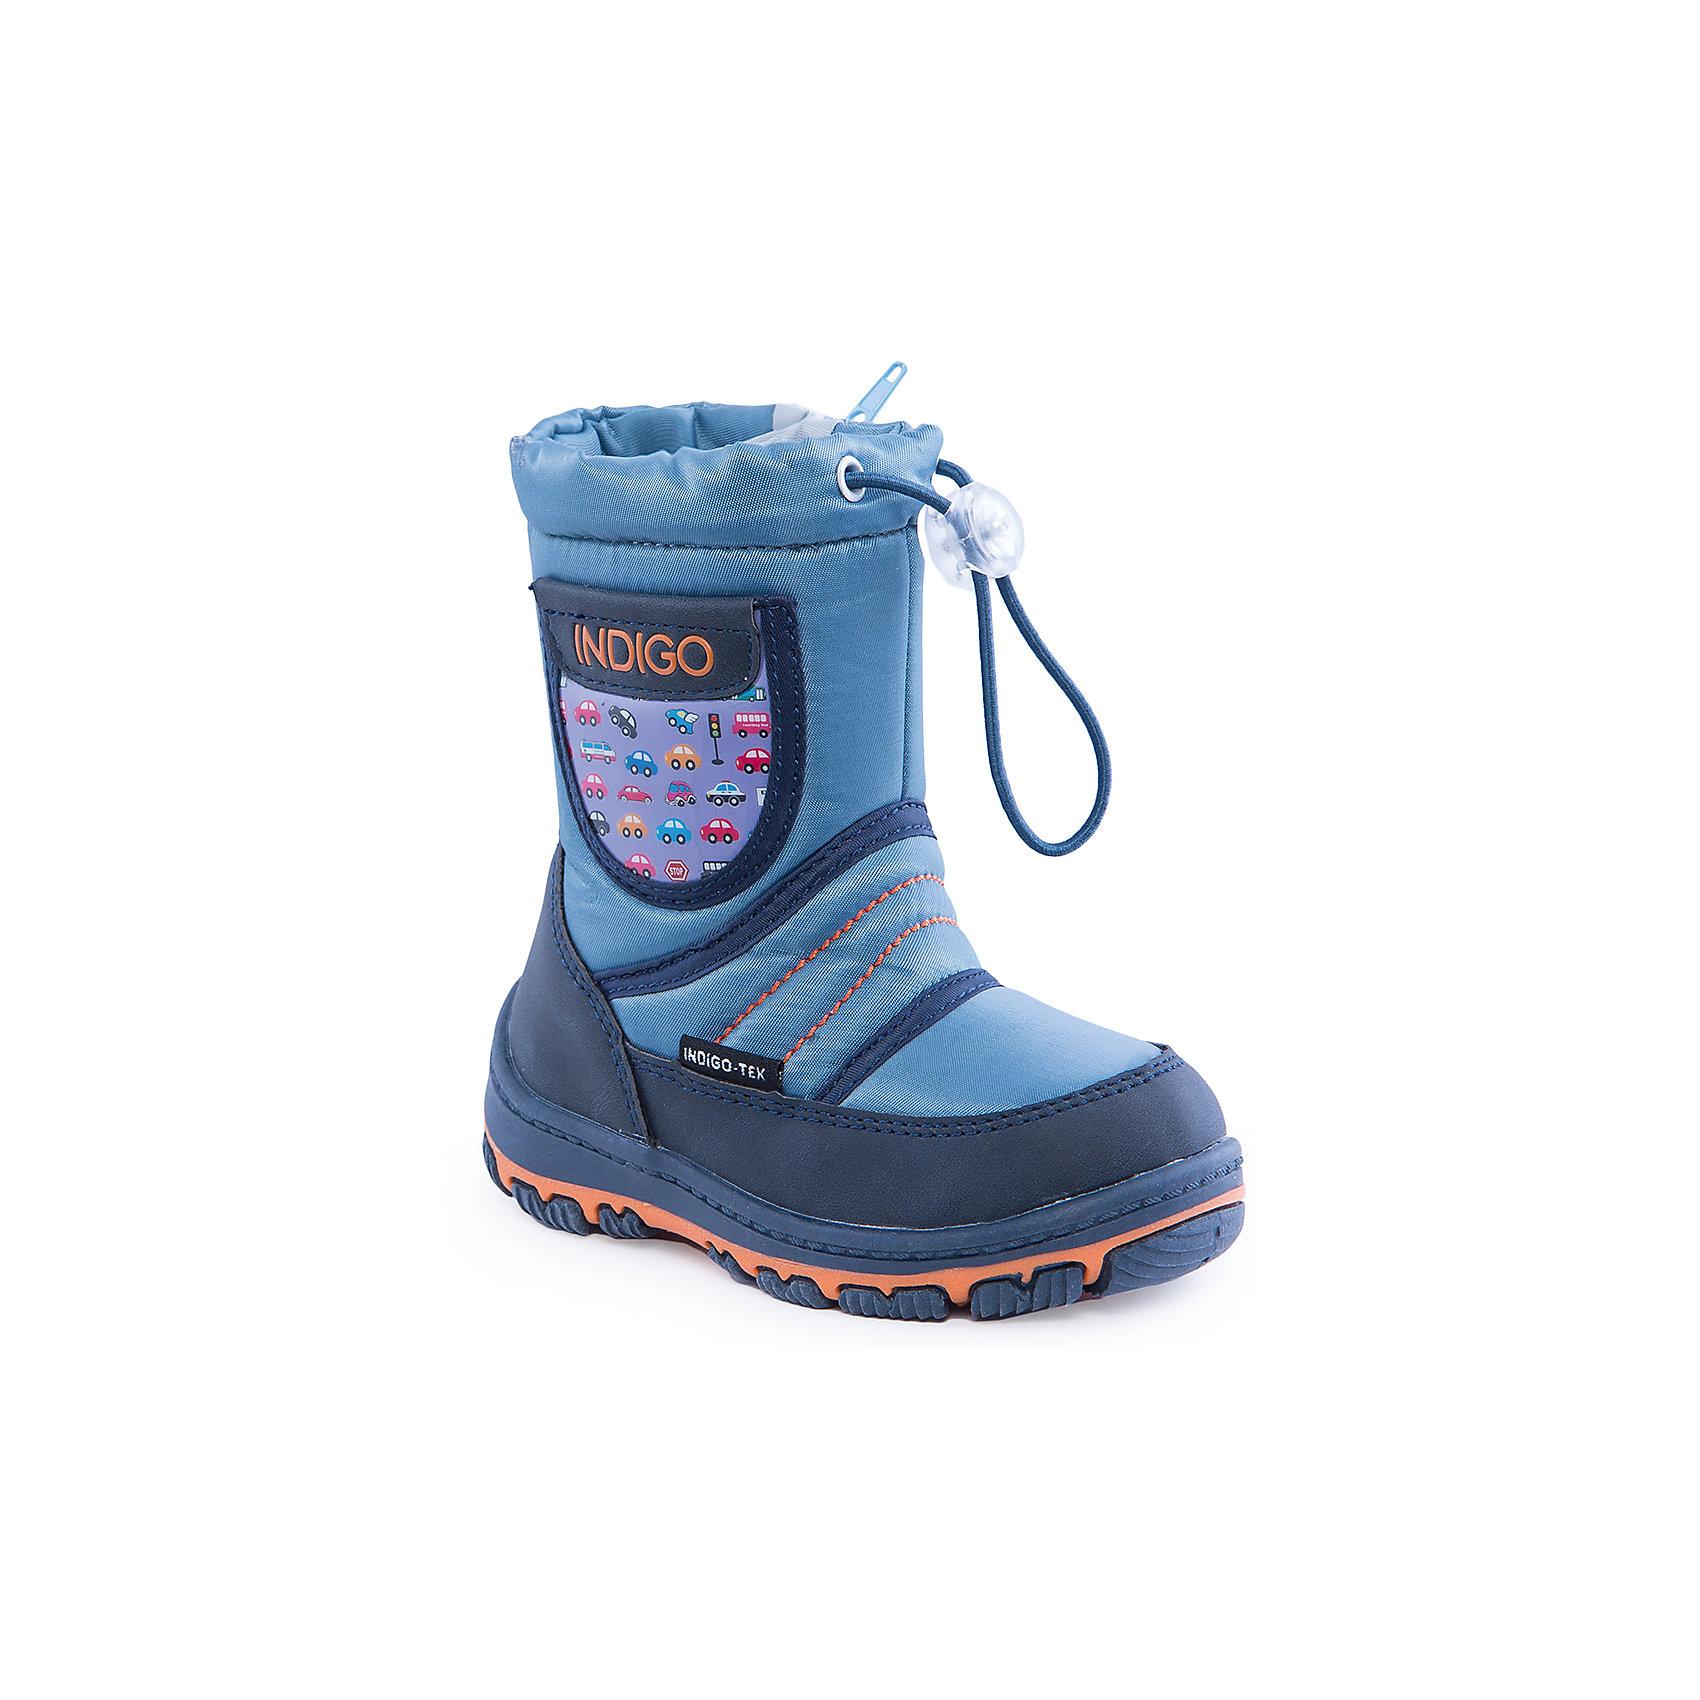 Сапоги для мальчика Indigo kidsОбувь для малышей<br>Сапоги для мальчика от известного  бренда Indigo kids<br><br>Модные и удобные сапоги помогут защитить детские ножки от сырости и холода. Они легко надеваются, комфортно садятся по ноге.  Они легко надеваются, комфортно садятся по ноге. <br>Сапоги сделаны с применением технологии INDIGO TEX – это мембранный материал, выводящий влагу из обуви наружу, но не позволяющий сырости проникать внутрь.<br><br>Особенности модели:<br><br>- цвет - синий;<br>- стильный дизайн;<br>- защита пятки и пальцев;<br>- удобная колодка;<br>- подкладка шерстяная;<br>- вставка с автомобильным принтом;<br>- наверху голенища - утяжка со стоппером;<br>- мембрана INDIGO TEX;<br>- устойчивая рифленая подошва;<br>- застежка - молния.<br><br>Дополнительная информация:<br><br>Температурный режим:<br>от -10° С до +5° С<br><br>Состав:<br><br>верх – текстиль/искусственная кожа;<br>подкладка - шерсть;<br>подошва - полимер.<br><br>Сапоги для мальчика Indigo kids (Индиго Кидс) можно купить в нашем магазине.<br><br>Ширина мм: 257<br>Глубина мм: 180<br>Высота мм: 130<br>Вес г: 420<br>Цвет: синий<br>Возраст от месяцев: 24<br>Возраст до месяцев: 24<br>Пол: Мужской<br>Возраст: Детский<br>Размер: 25,22,27,26,24,23<br>SKU: 4340503